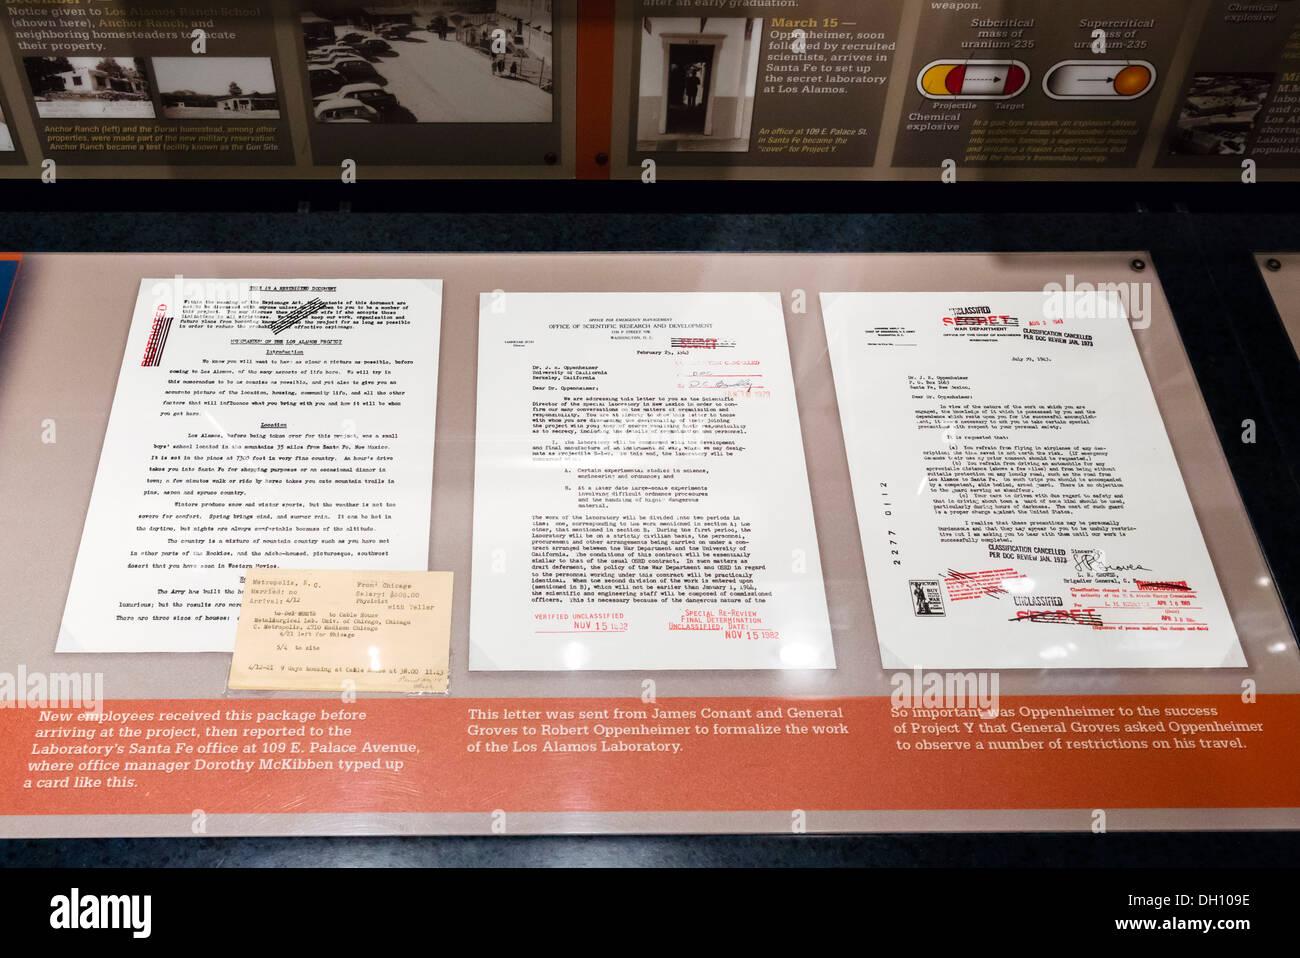 Cartas de Oppenheimer Original conectada al Proyecto Manhattan, Bradbury Science Museum, Los Alamos, Nuevo México, EE.UU. Imagen De Stock